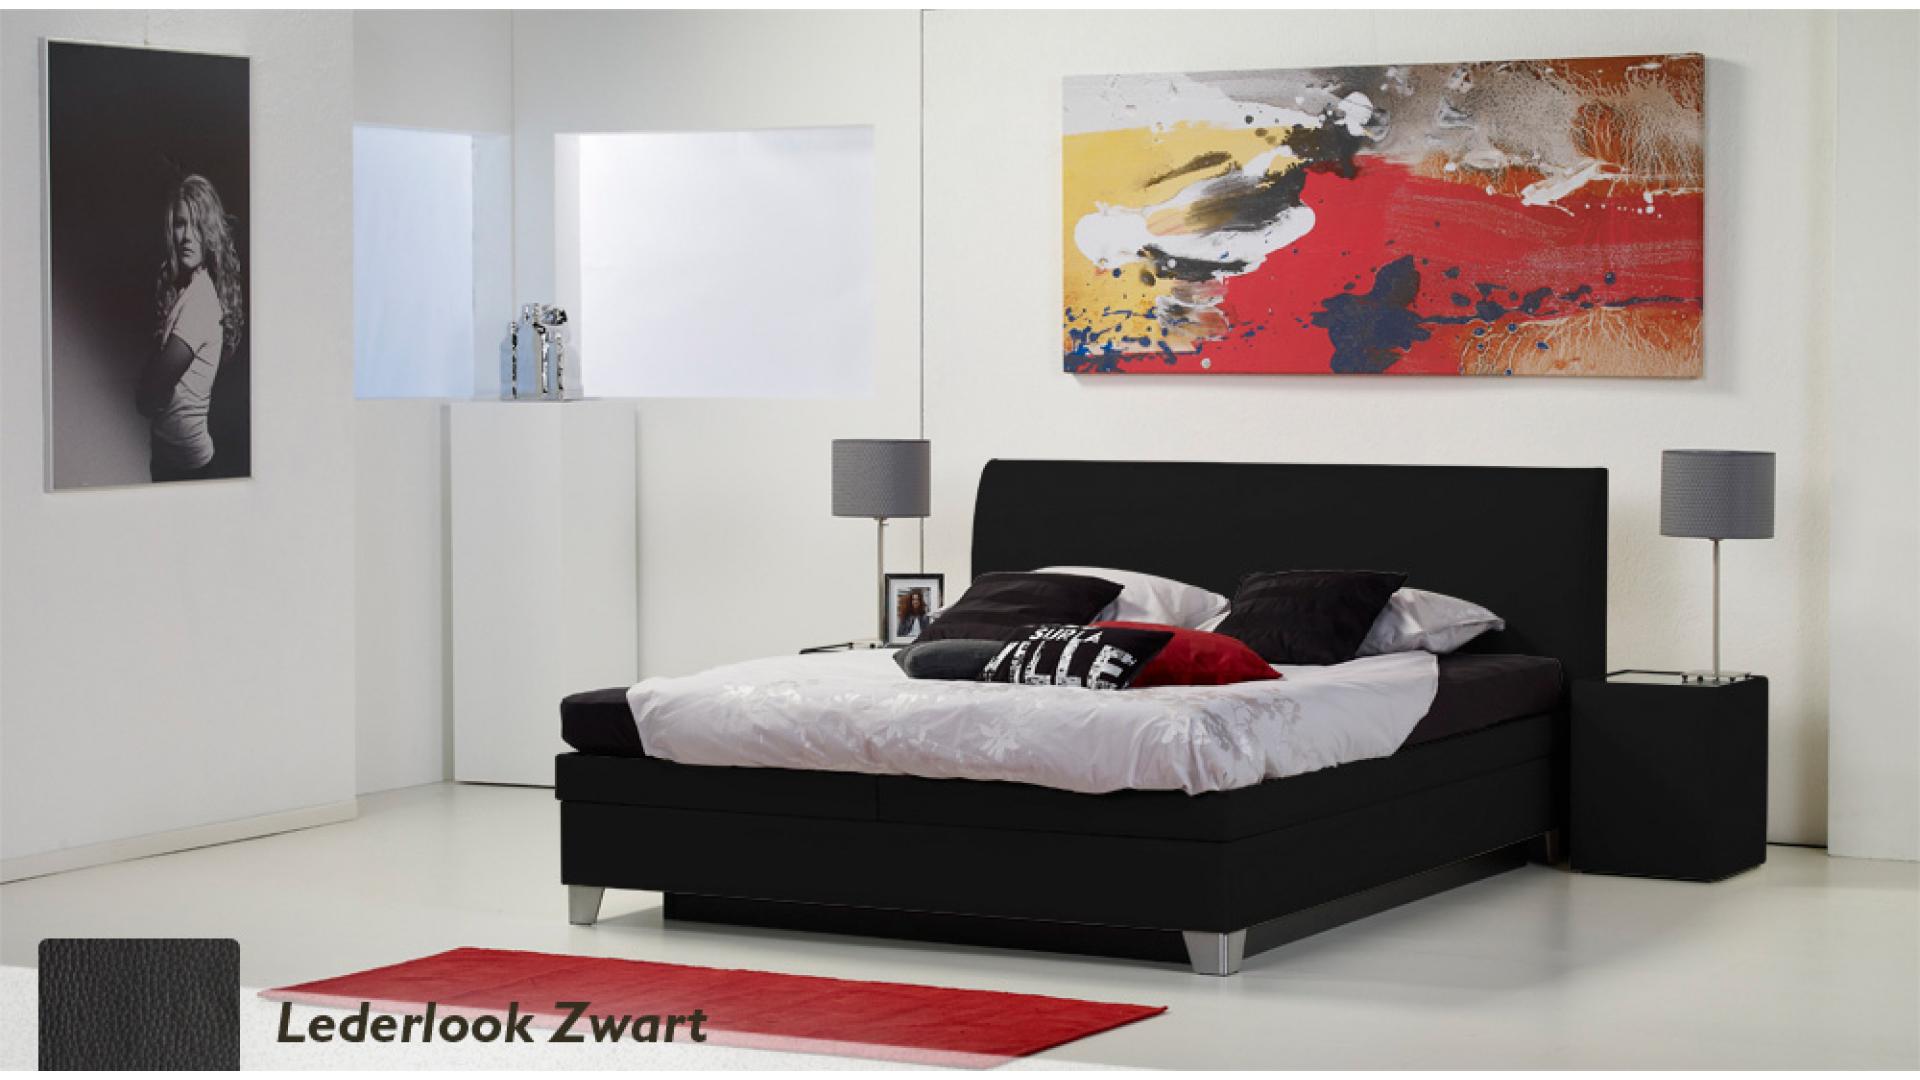 waterbed luxe box pro lederlook zwart